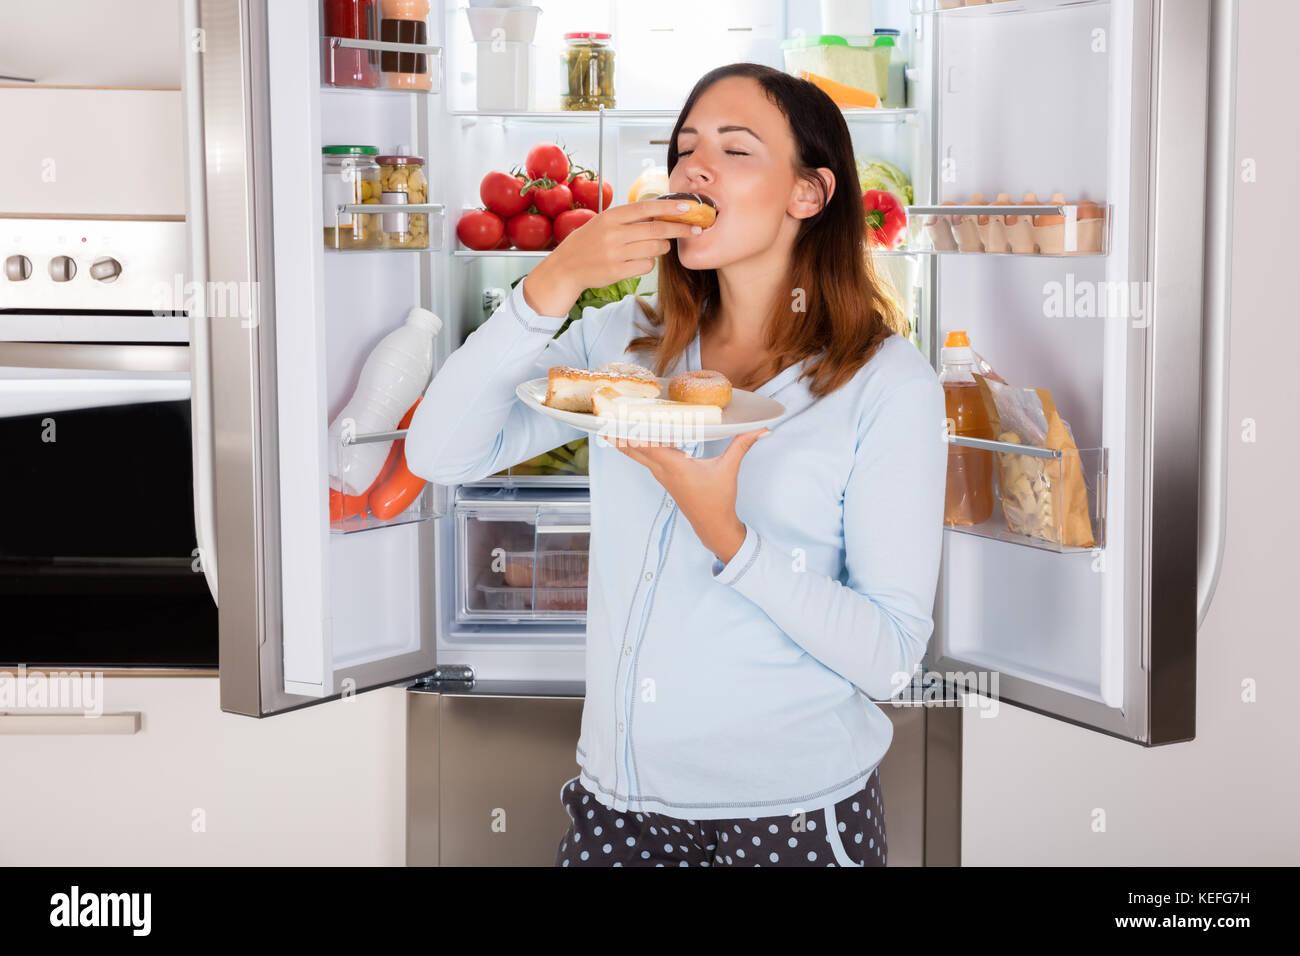 Kühlschrank Platte : Junge frau genießen essen donut von der platte in der nähe der